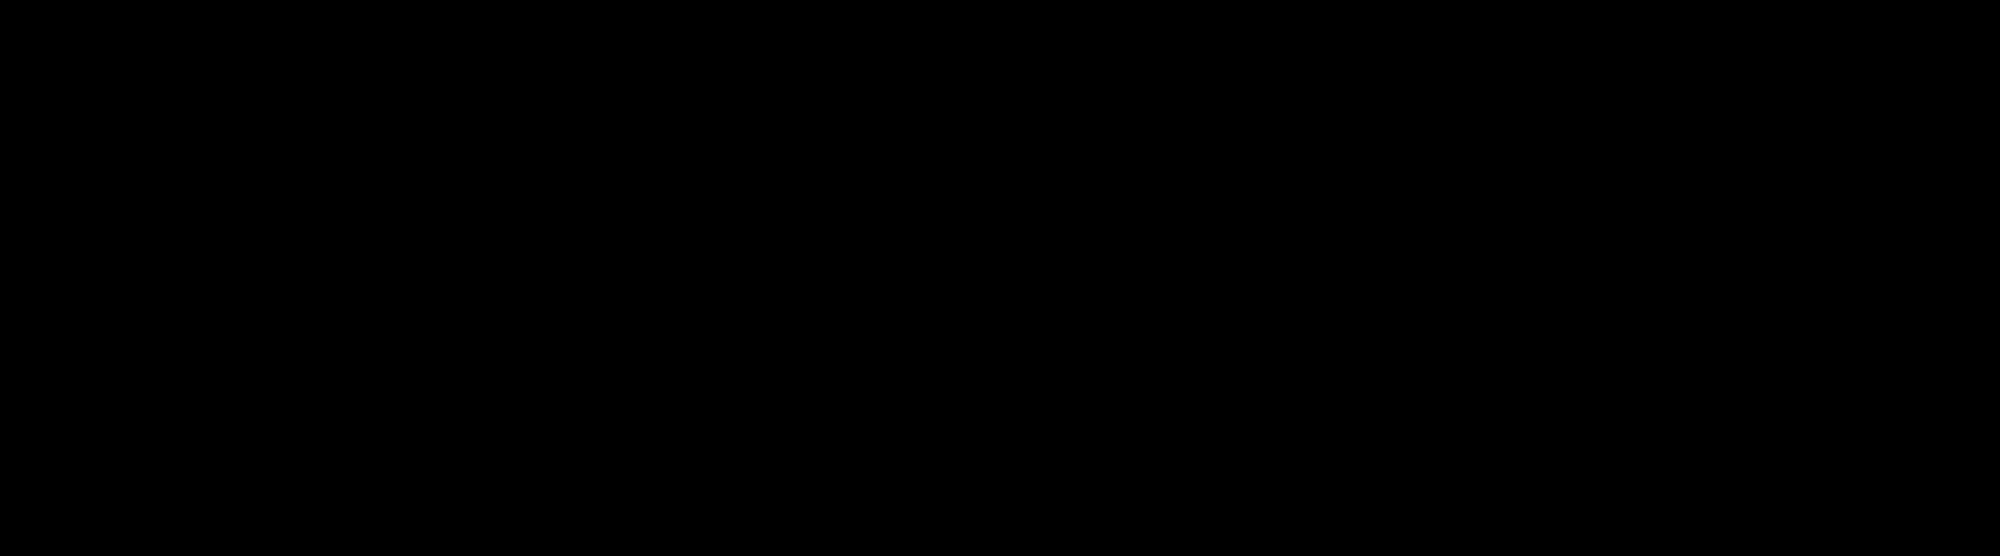 Vision Partners-logo-black.png